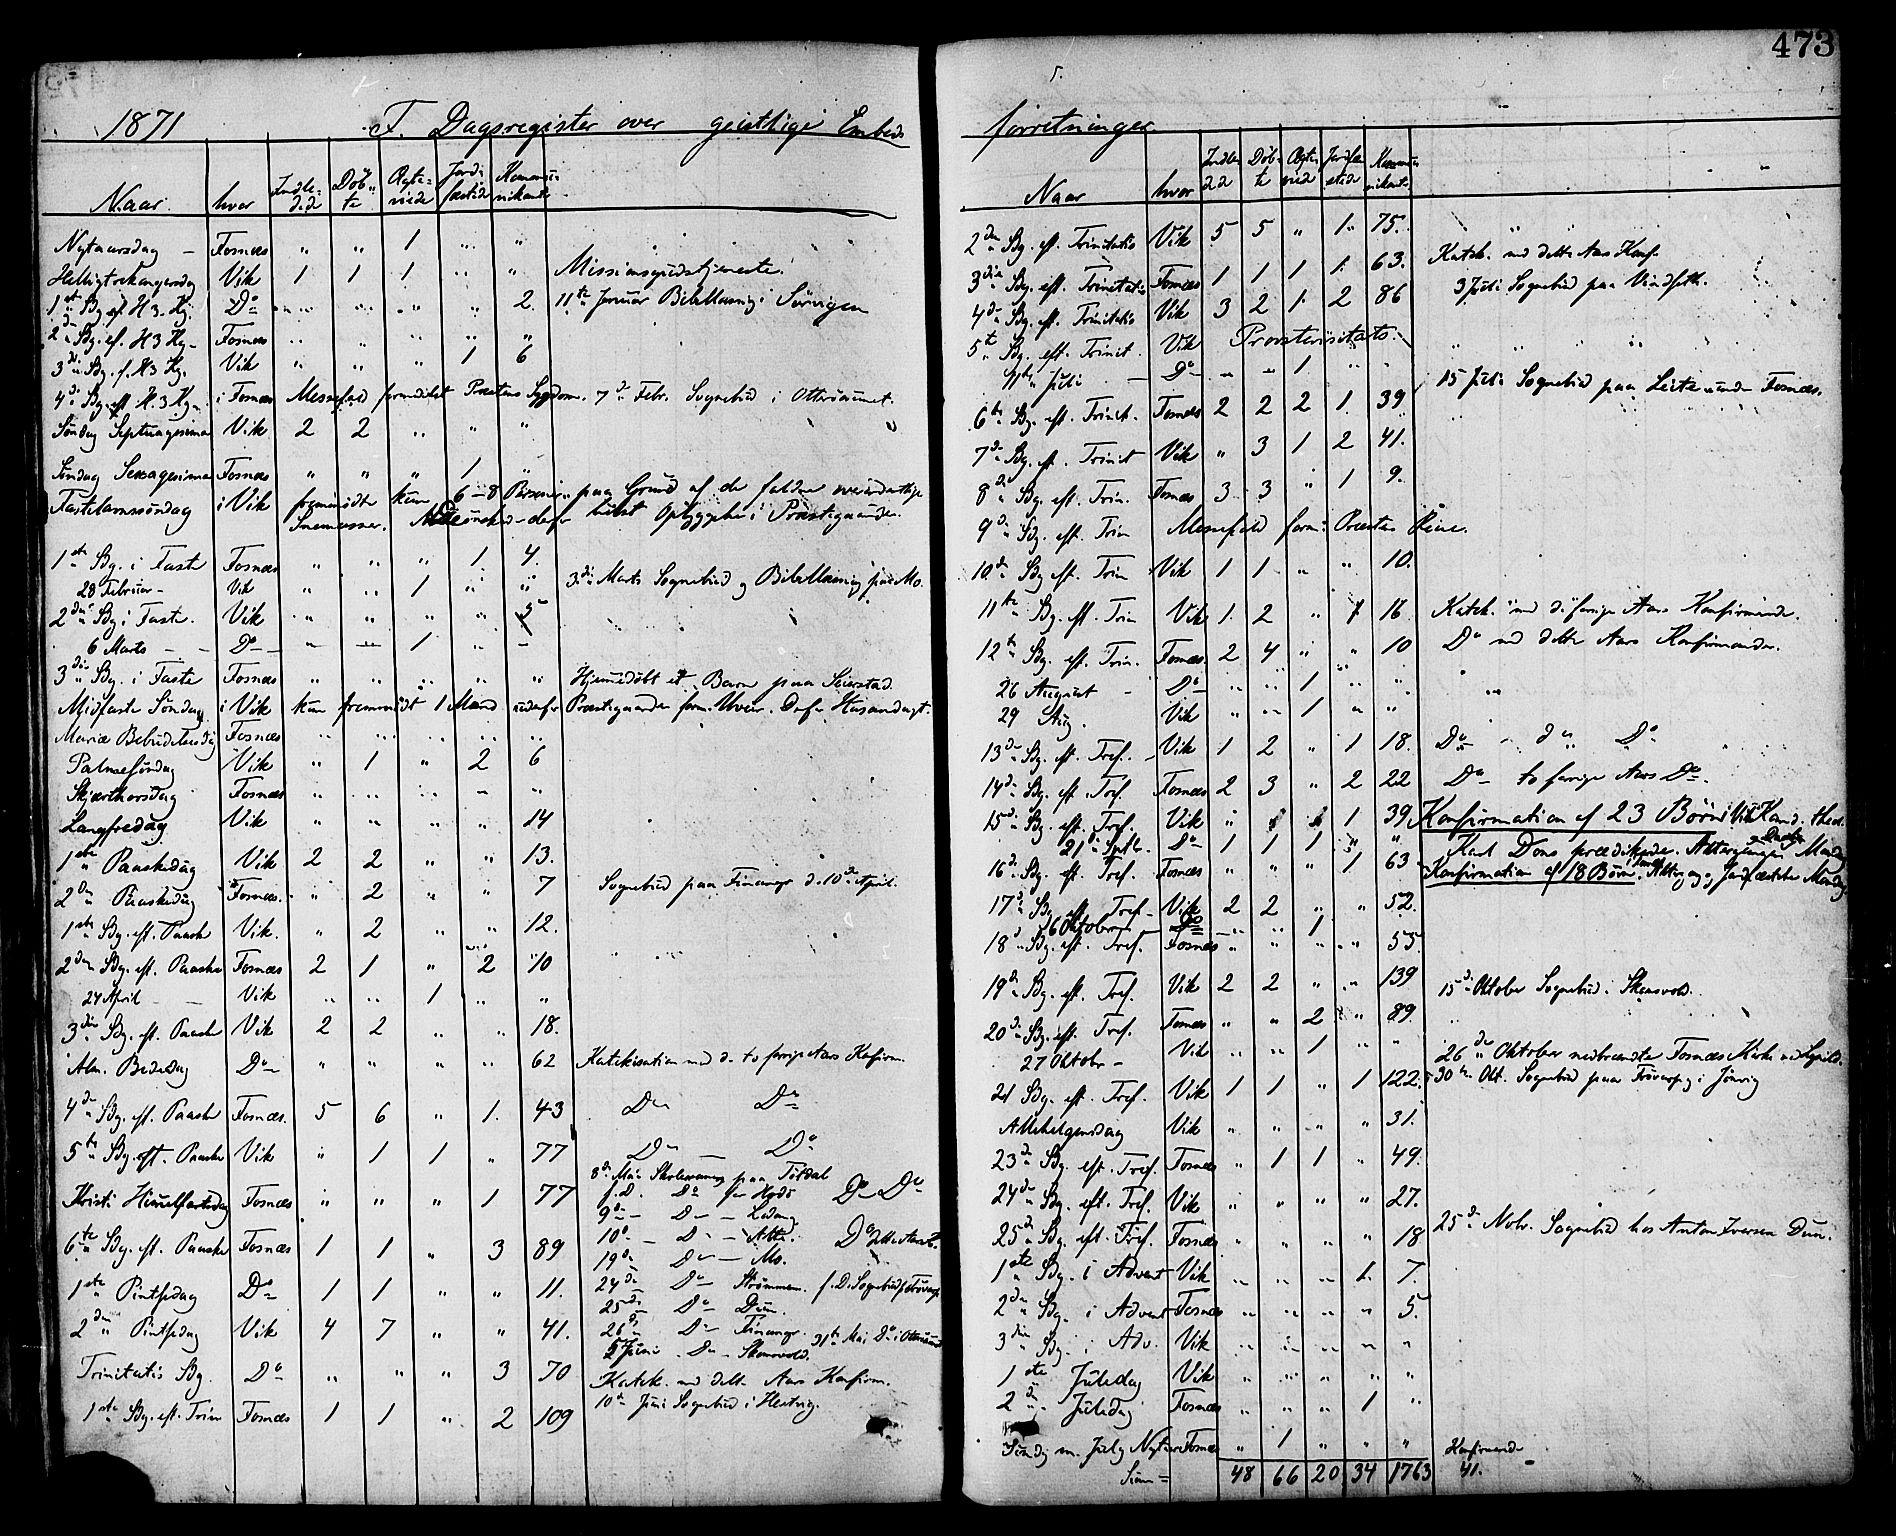 SAT, Ministerialprotokoller, klokkerbøker og fødselsregistre - Nord-Trøndelag, 773/L0616: Ministerialbok nr. 773A07, 1870-1887, s. 473